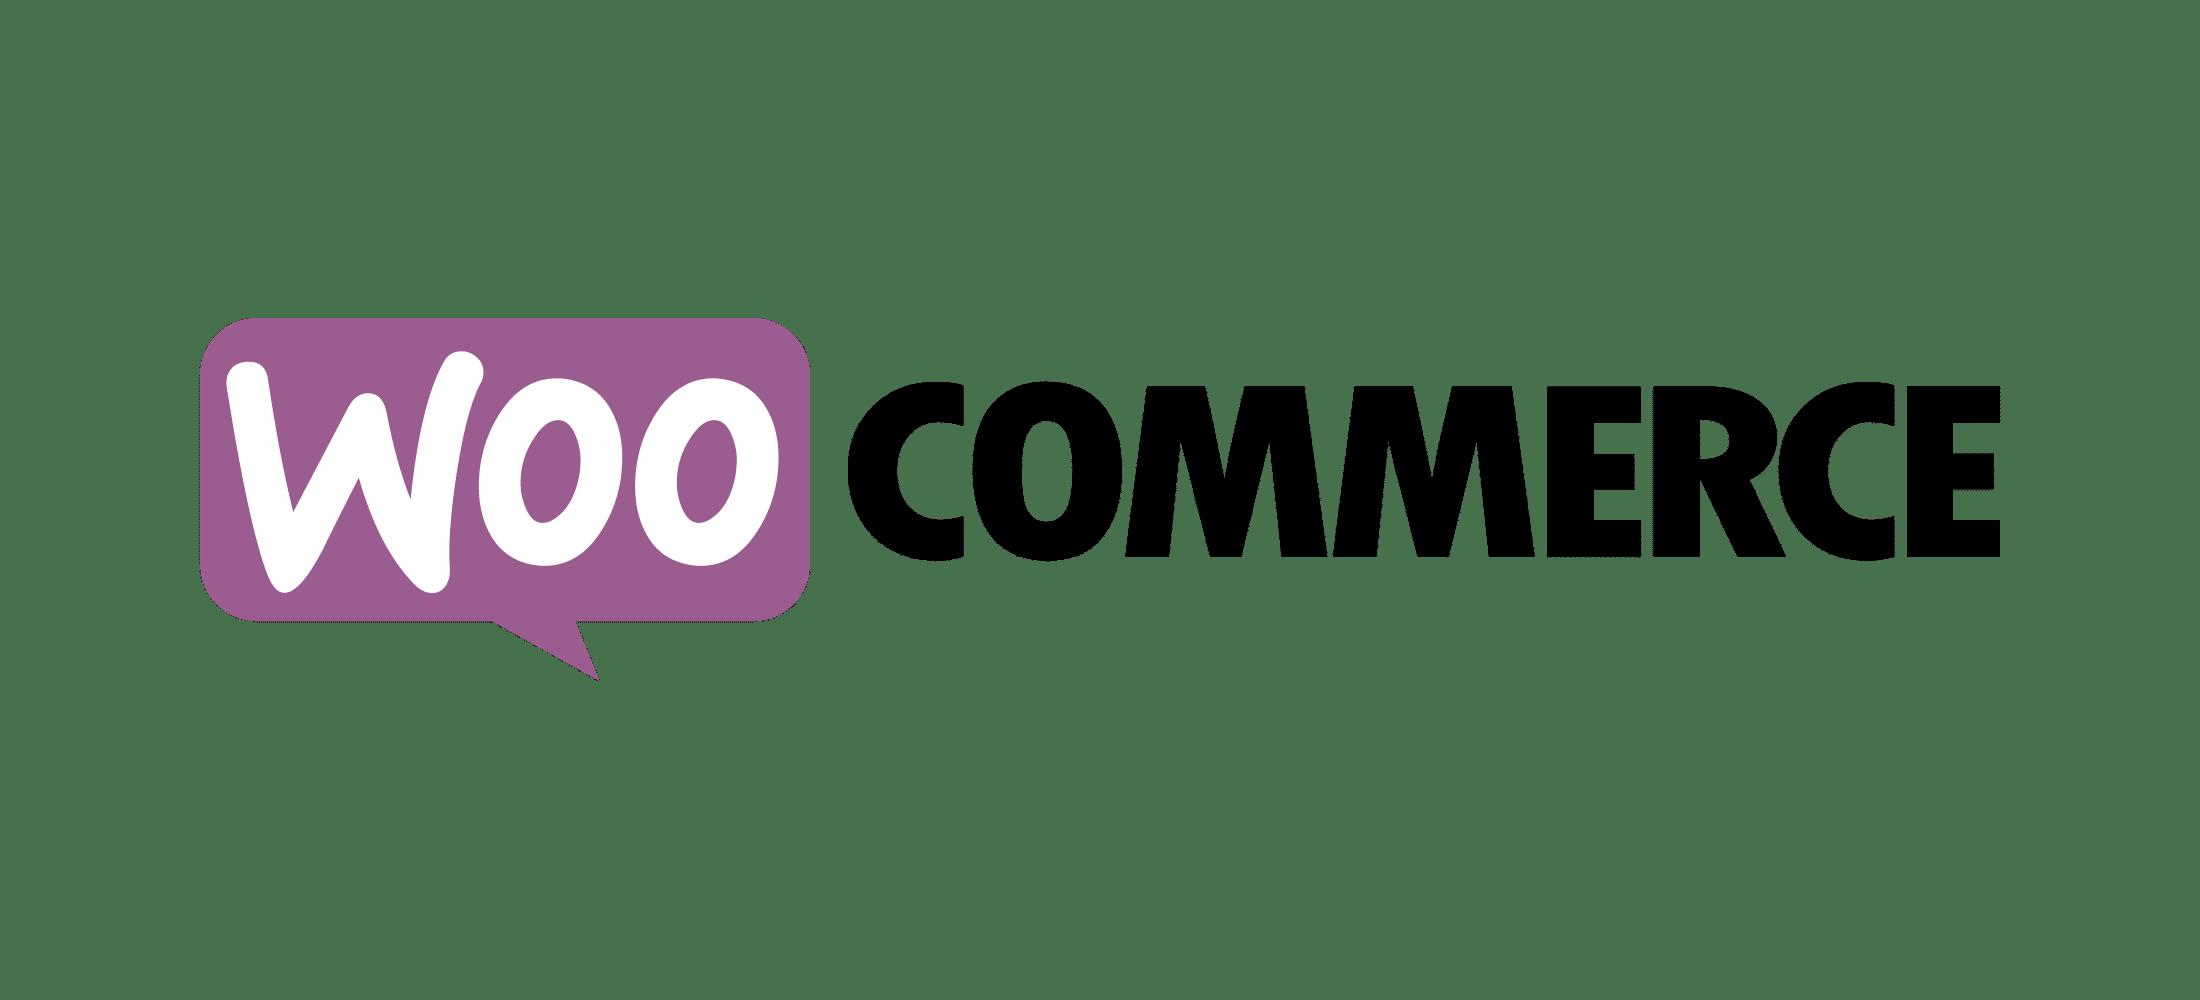 Woocommerce E-Commerce Development